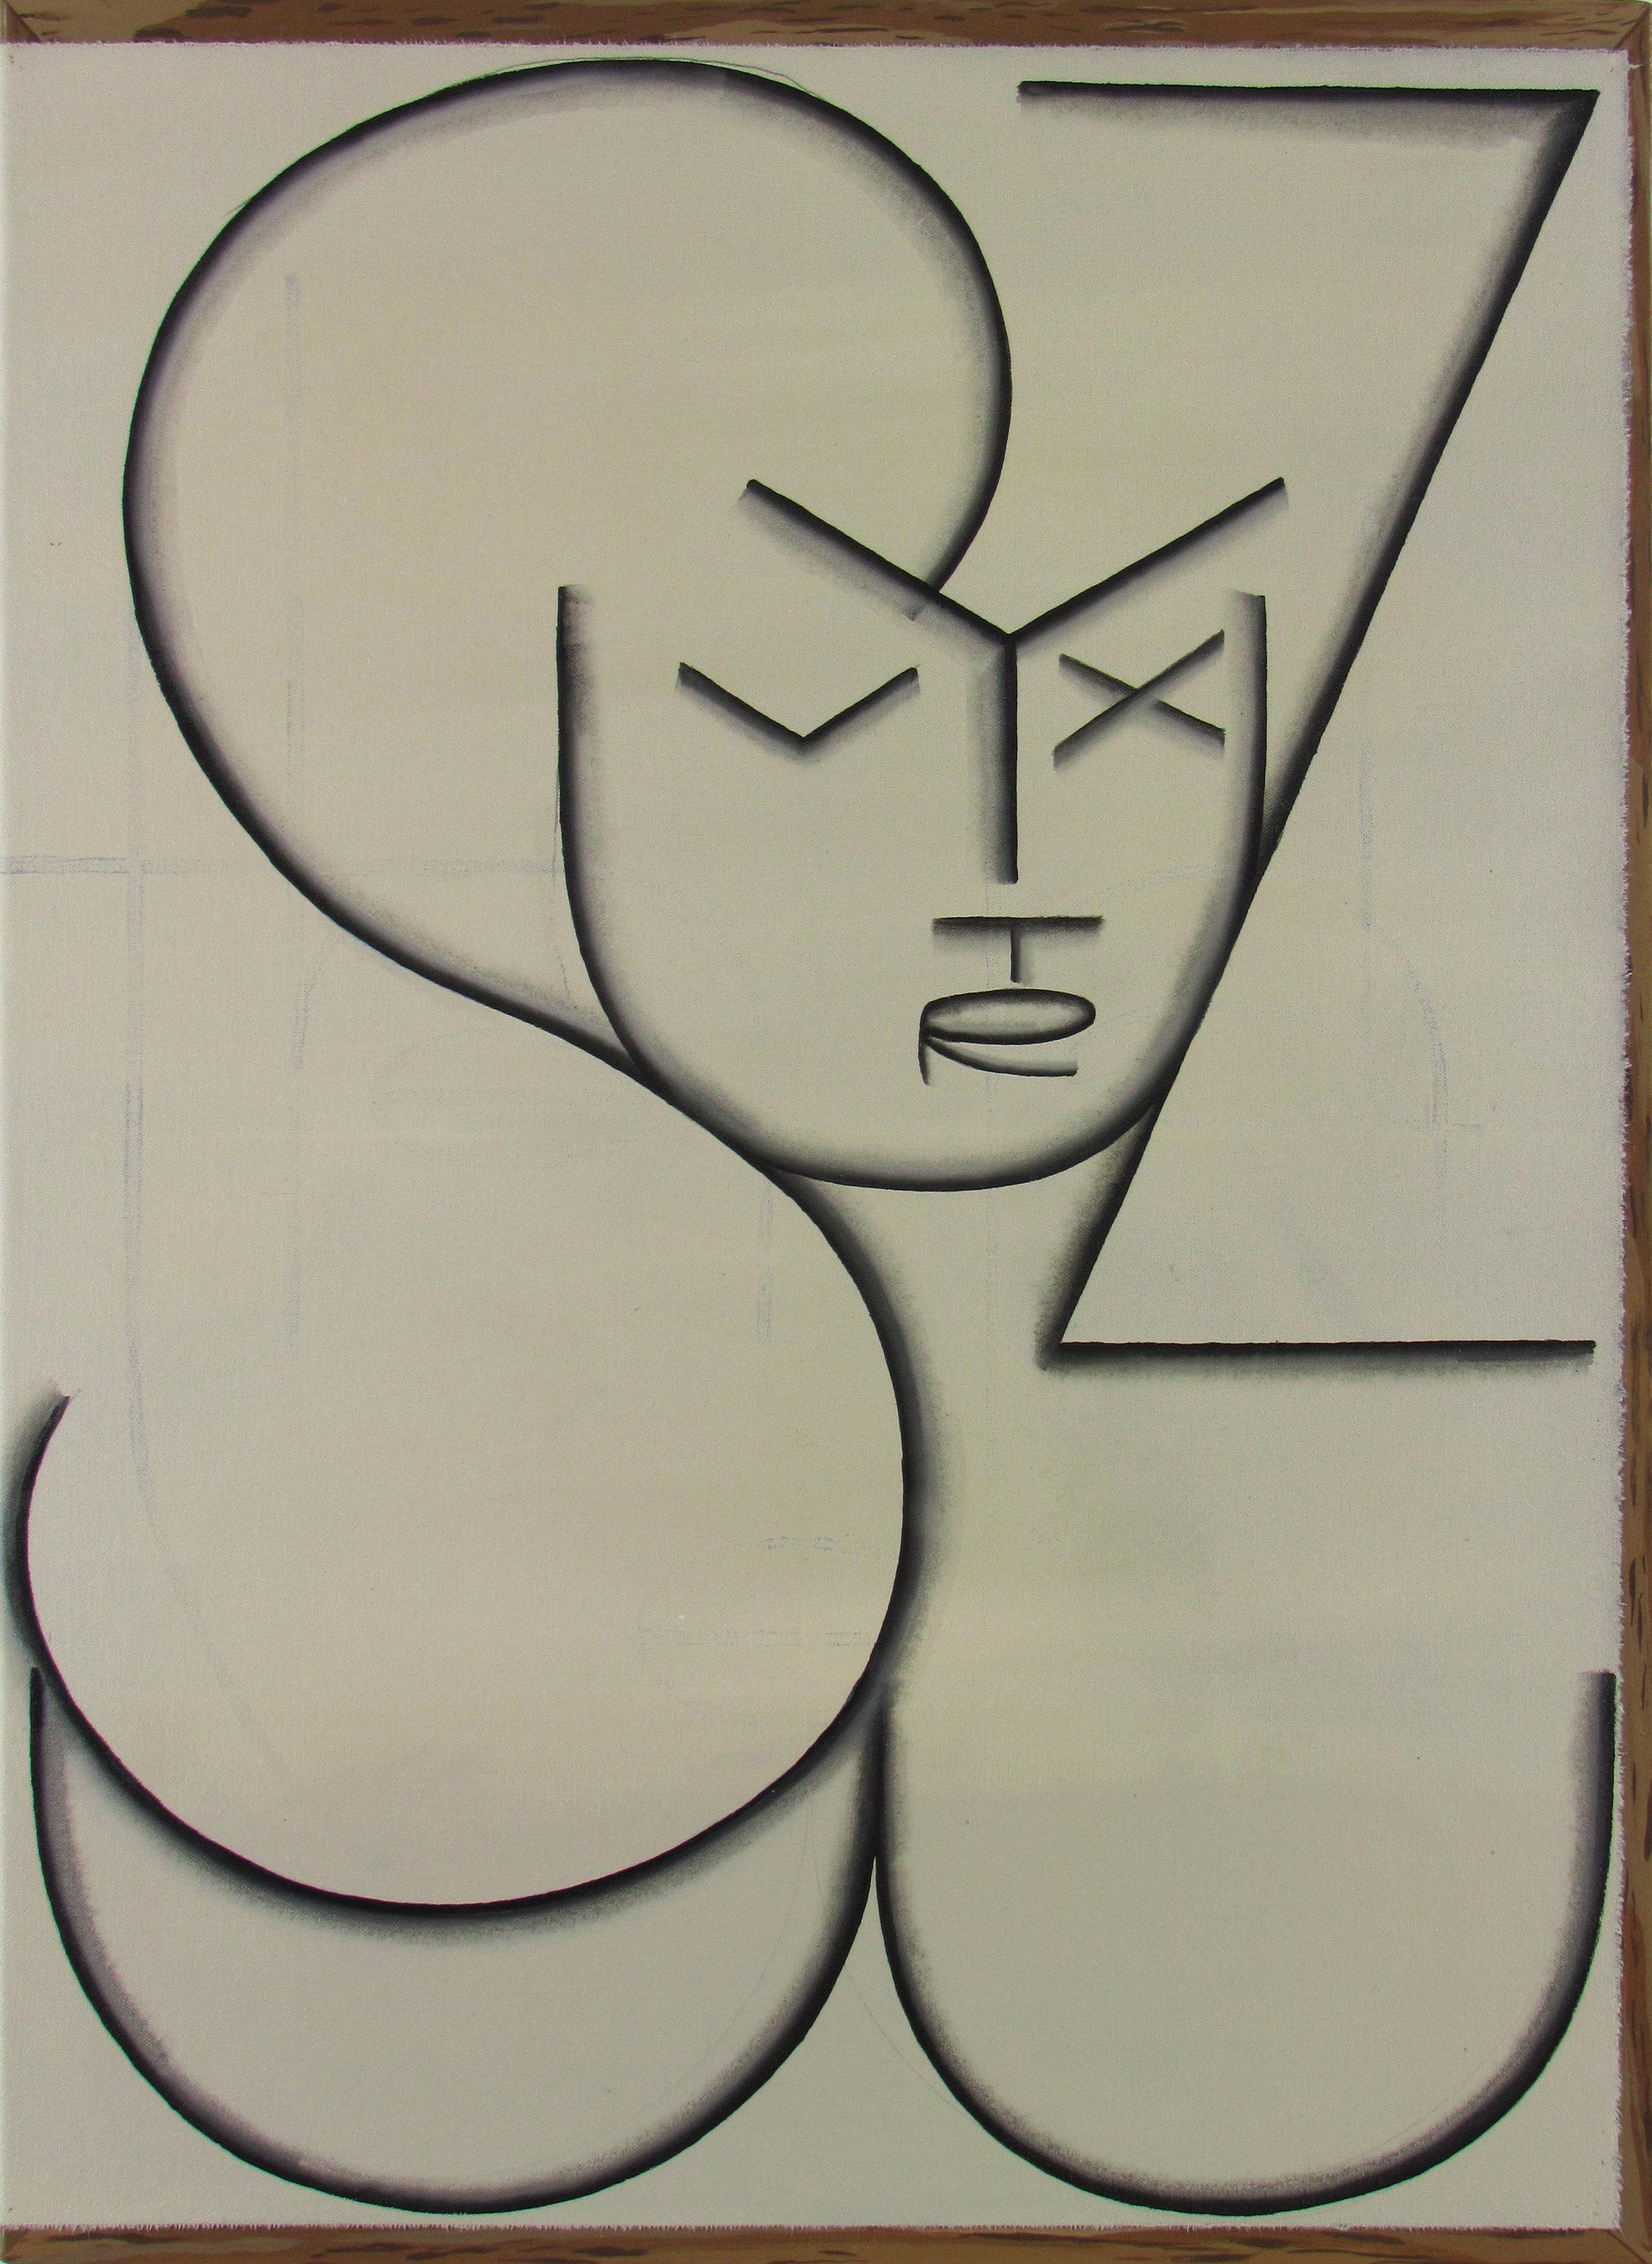 JULIAN HOOPER  STUVWXYZ  2018 Acrylic on canvas on linen 76 x 56 cm